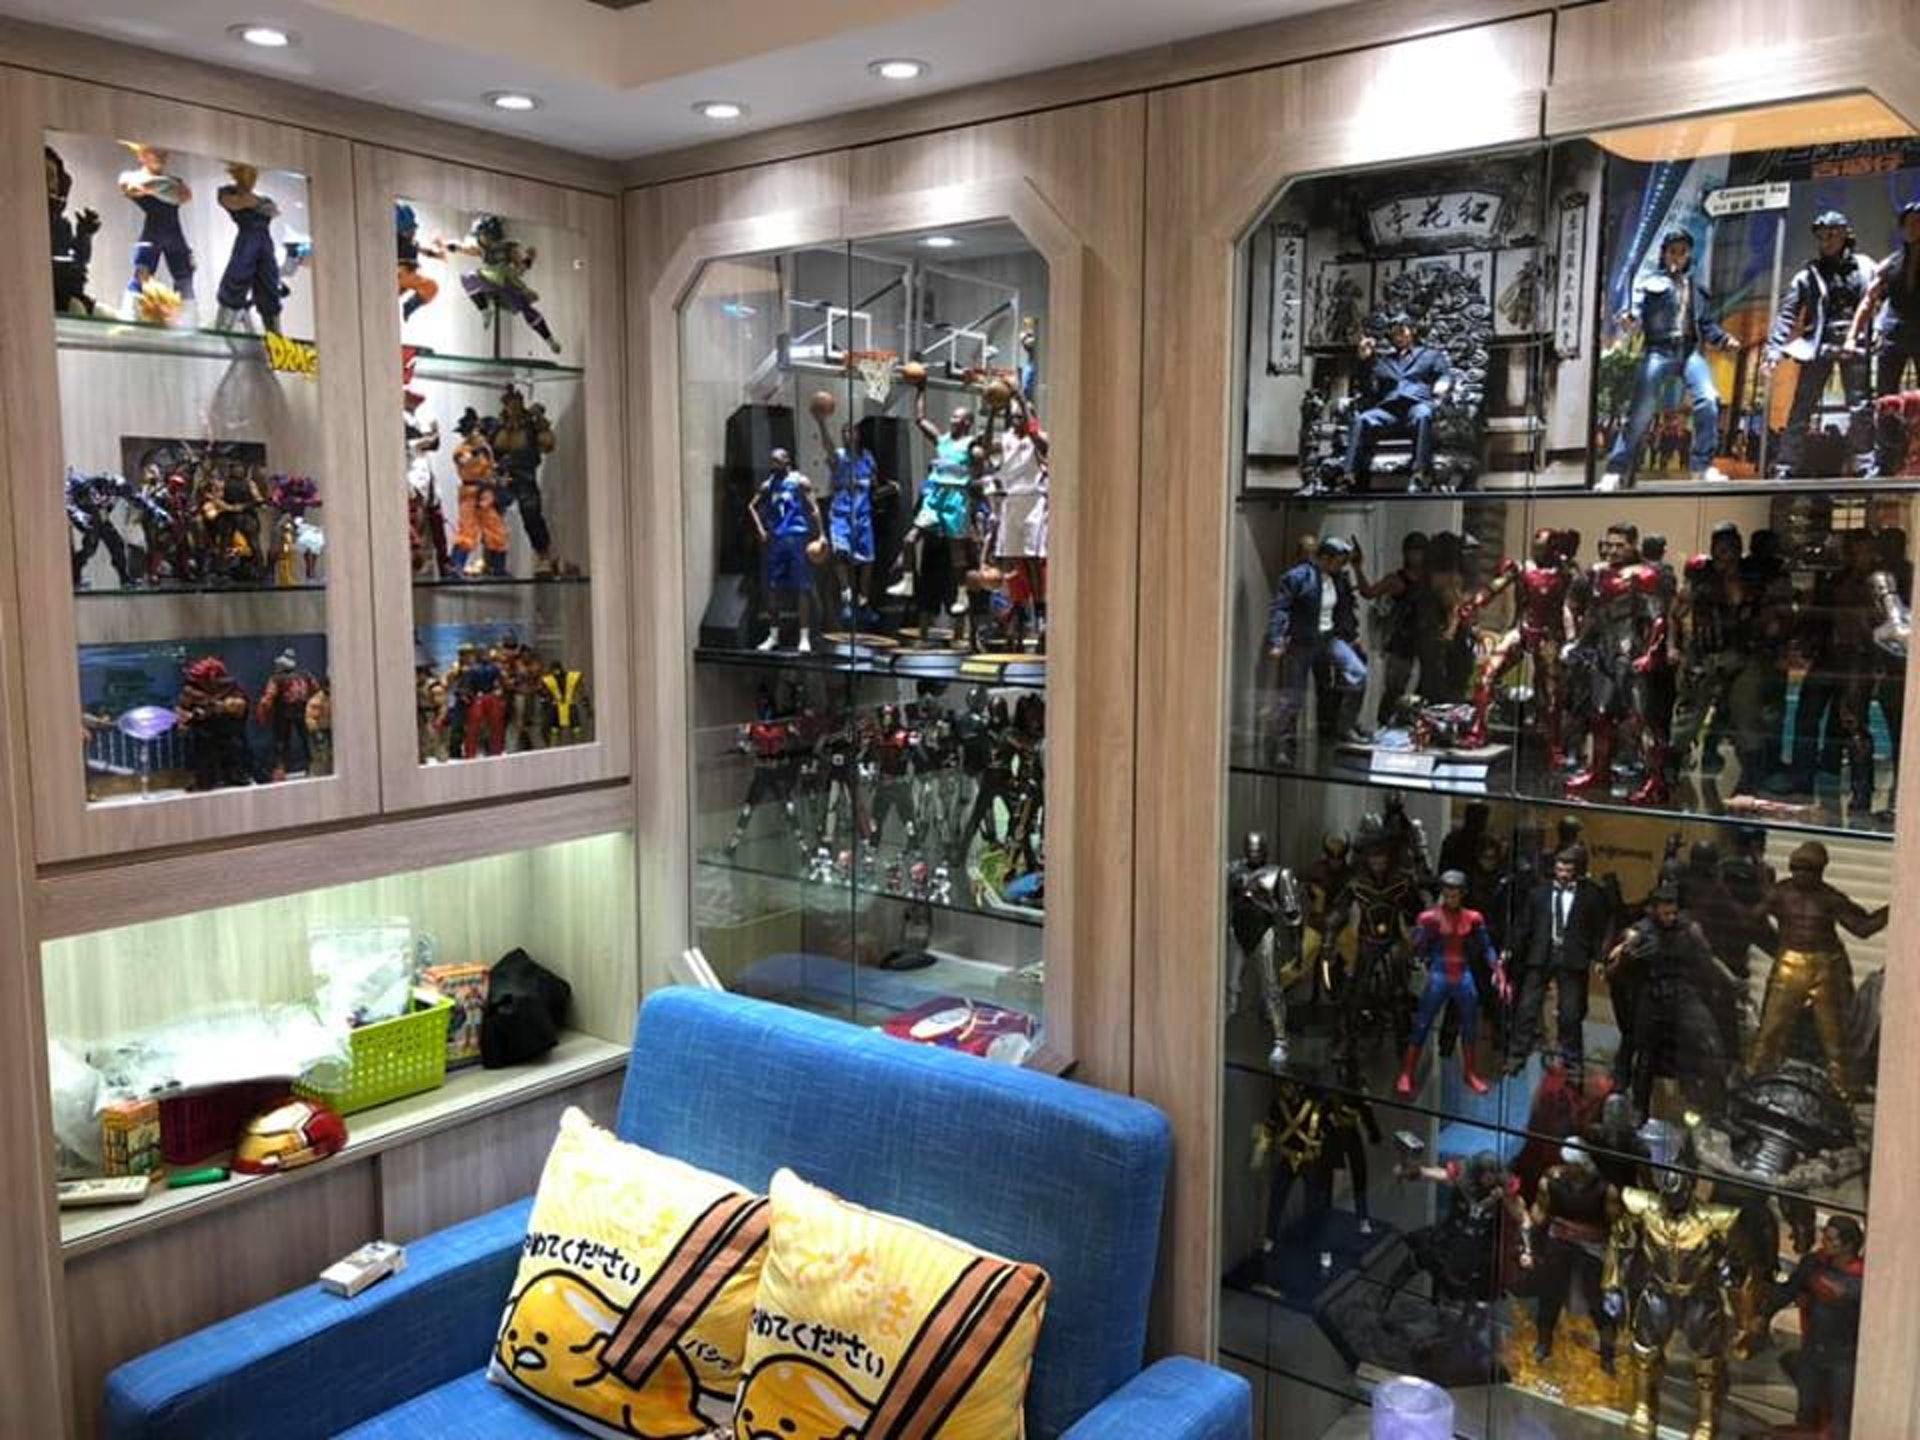 李先生在fb群組上分享,指家中裝修的時候,妻子幫忙思考如何在家中加設玻璃櫃,展示大量玩具。(受訪者提供)